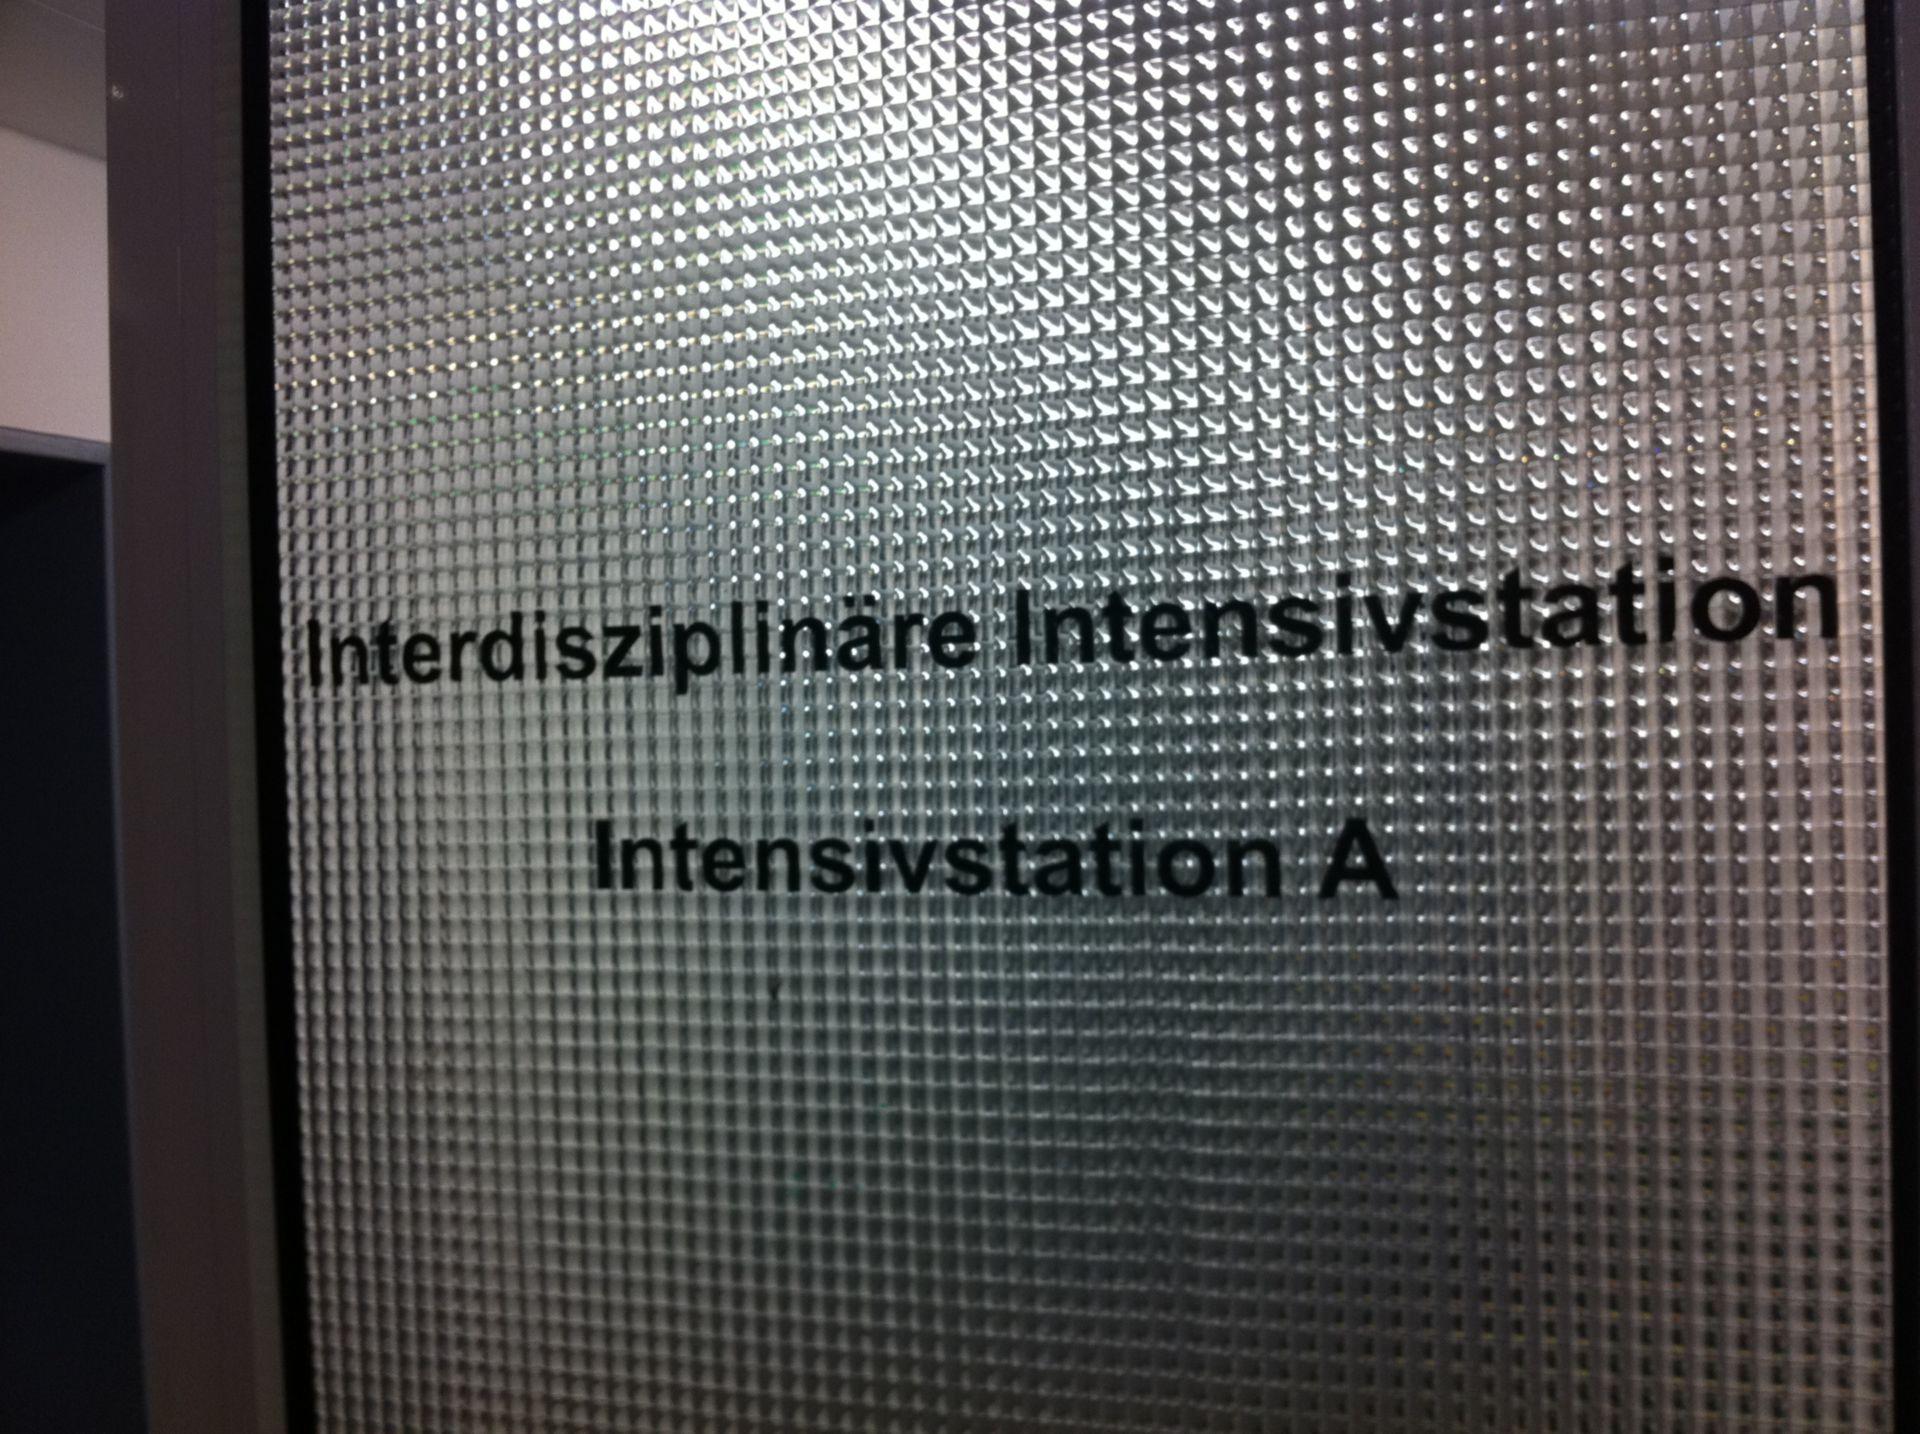 Intensivstation